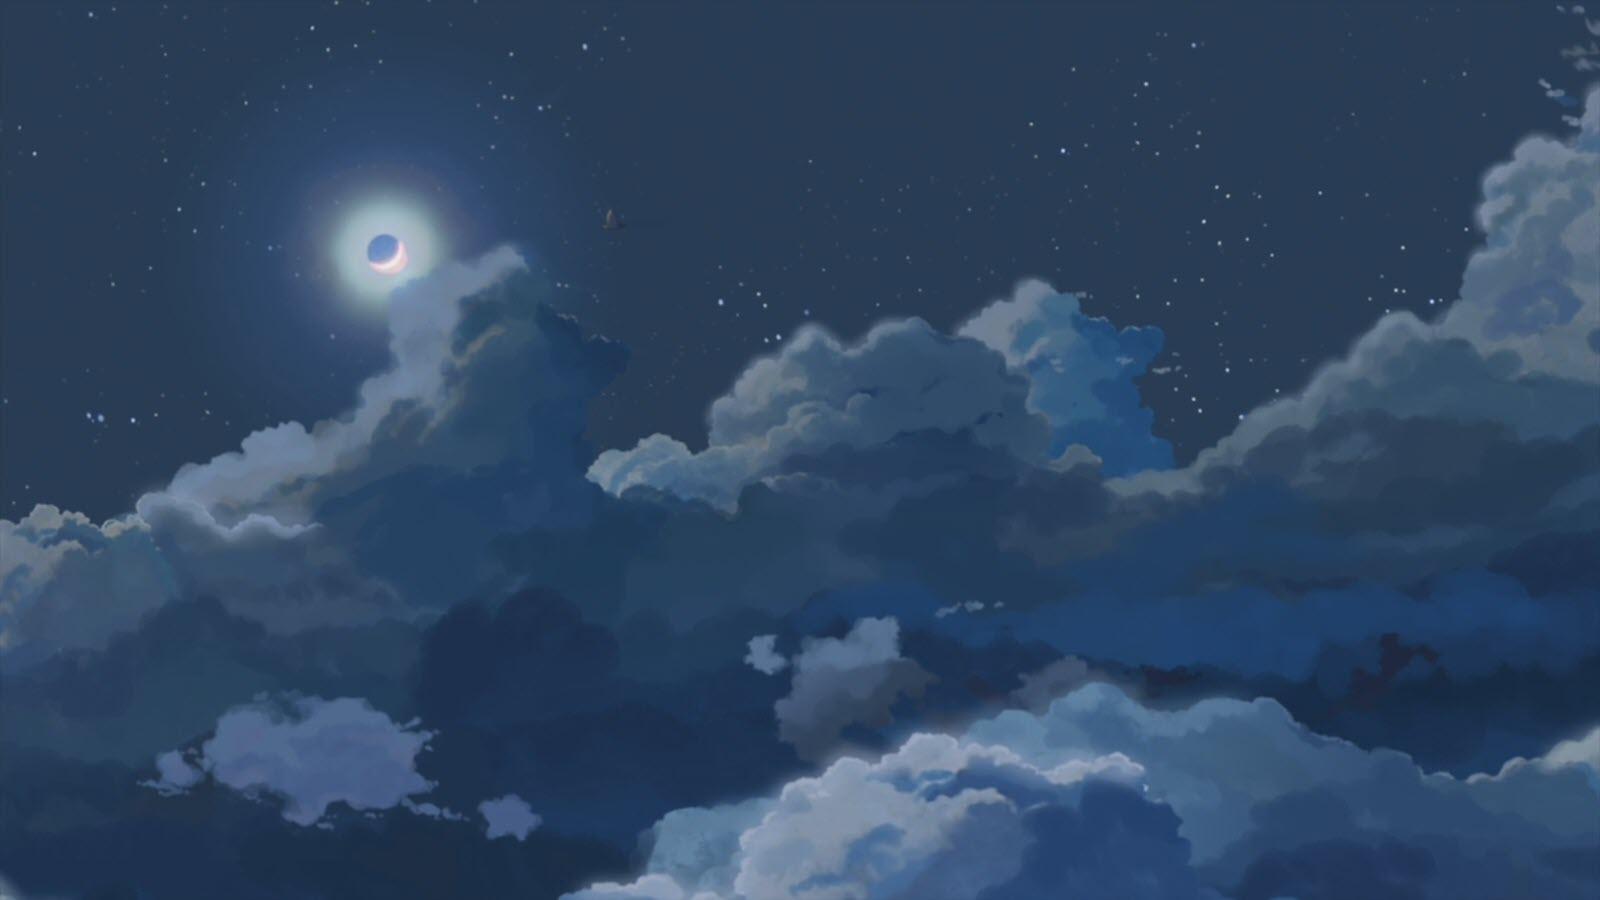 Ảnh anime galaxy bầu trời đêm